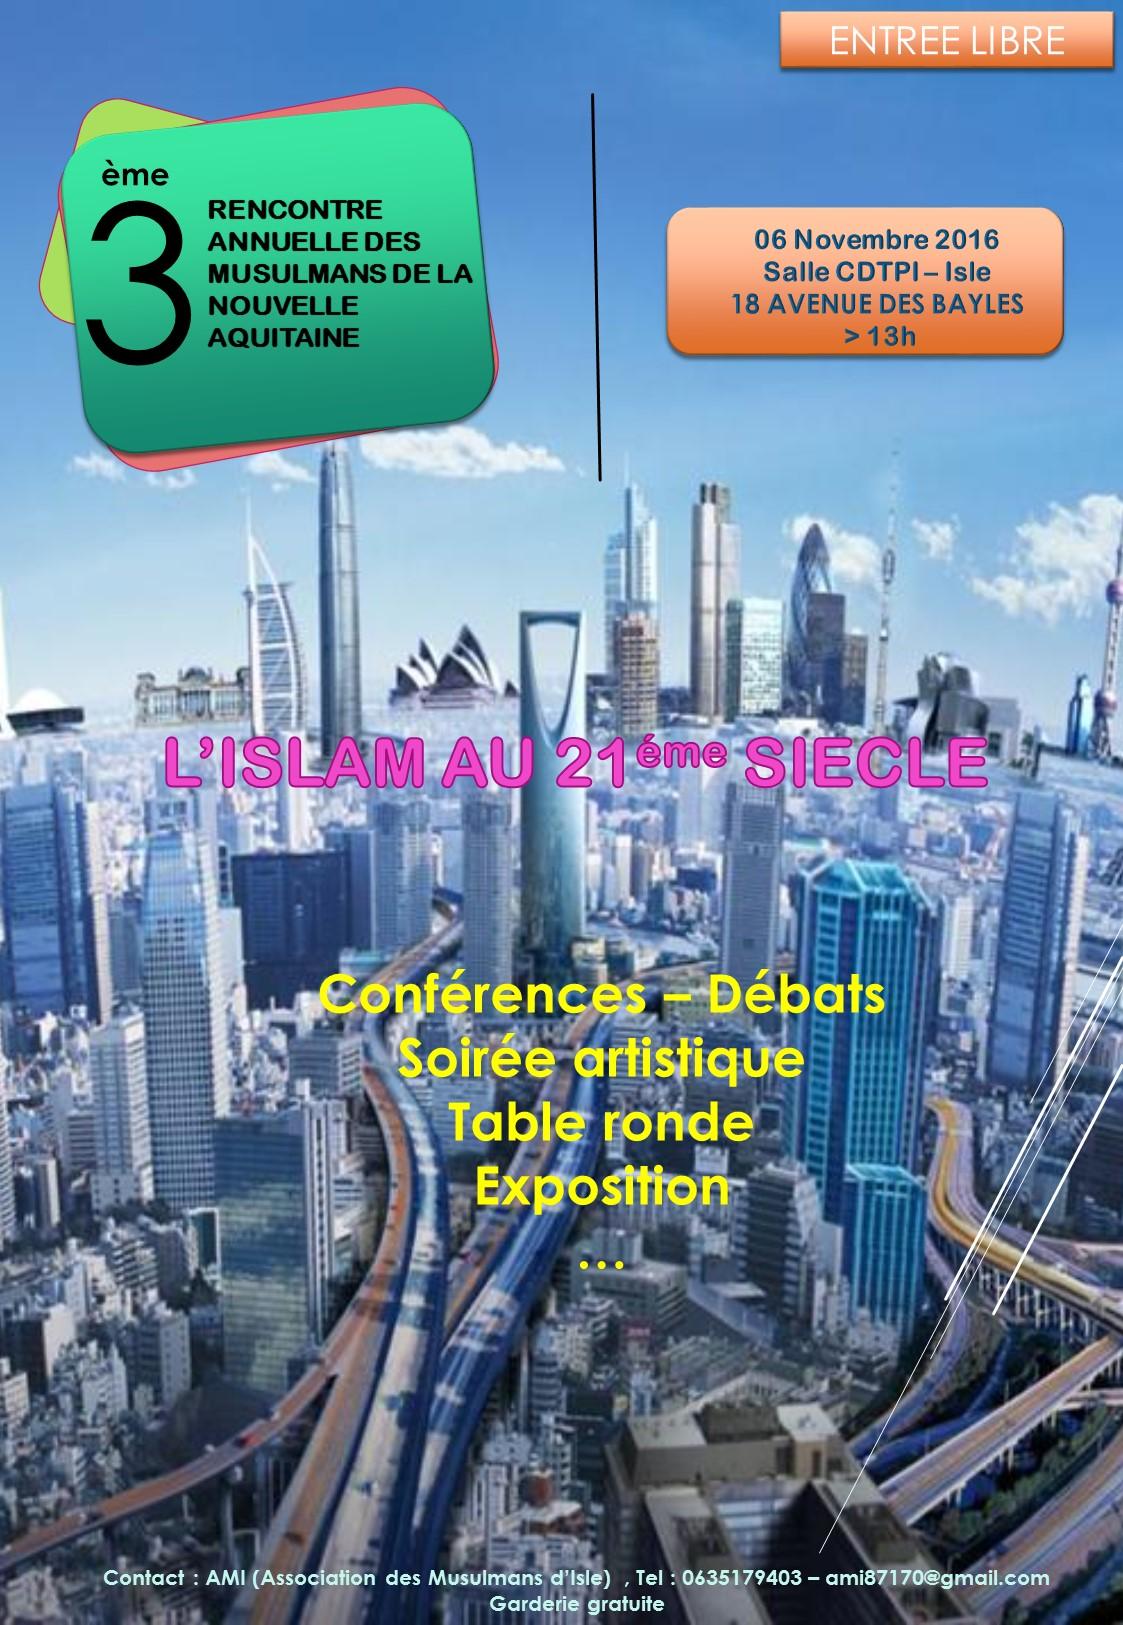 http://www.saphirnews.com/agenda/La-3e-Rencontre-annuelle-des-musulmans-de-la-Nouvelle-Aquitaine_ae409645.html